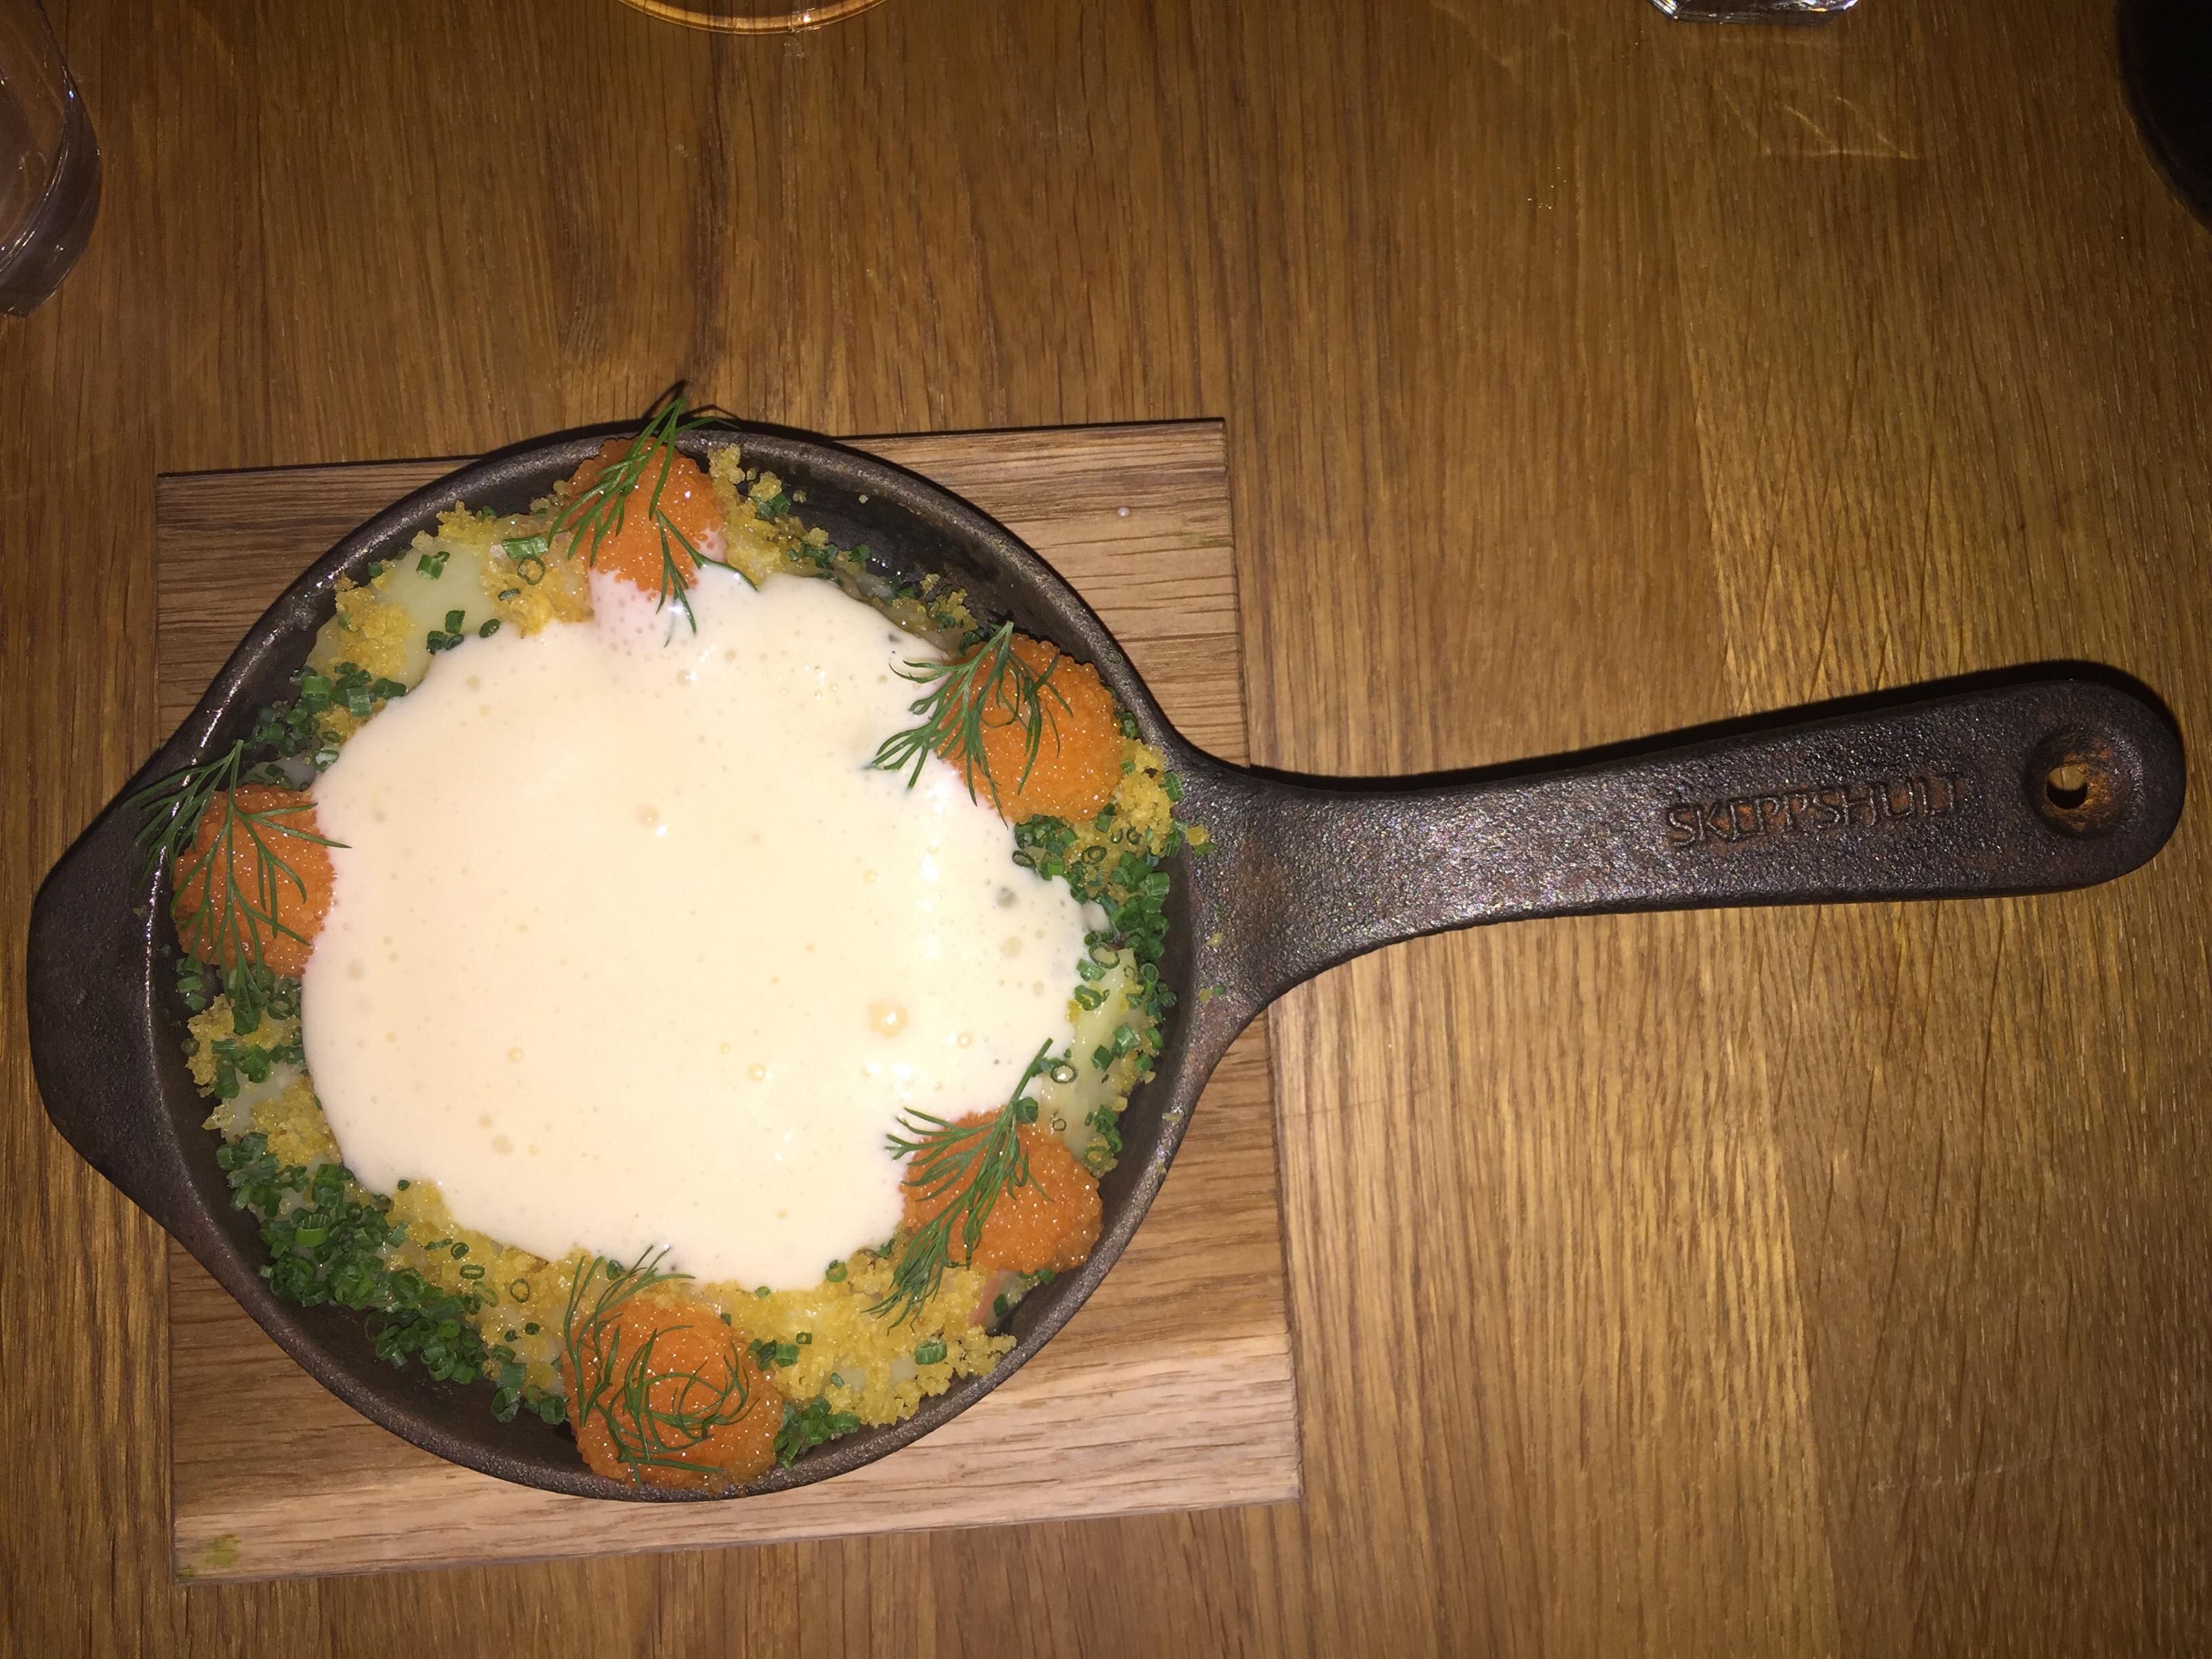 """Mina matkunniga vänner har tipsat om Portal, en restaurang som drivs av Årets kock 2012 Klas Lindberg och serverar """"medveten enkelhet med mycket hjärta och matglädje""""… som alla andra..."""